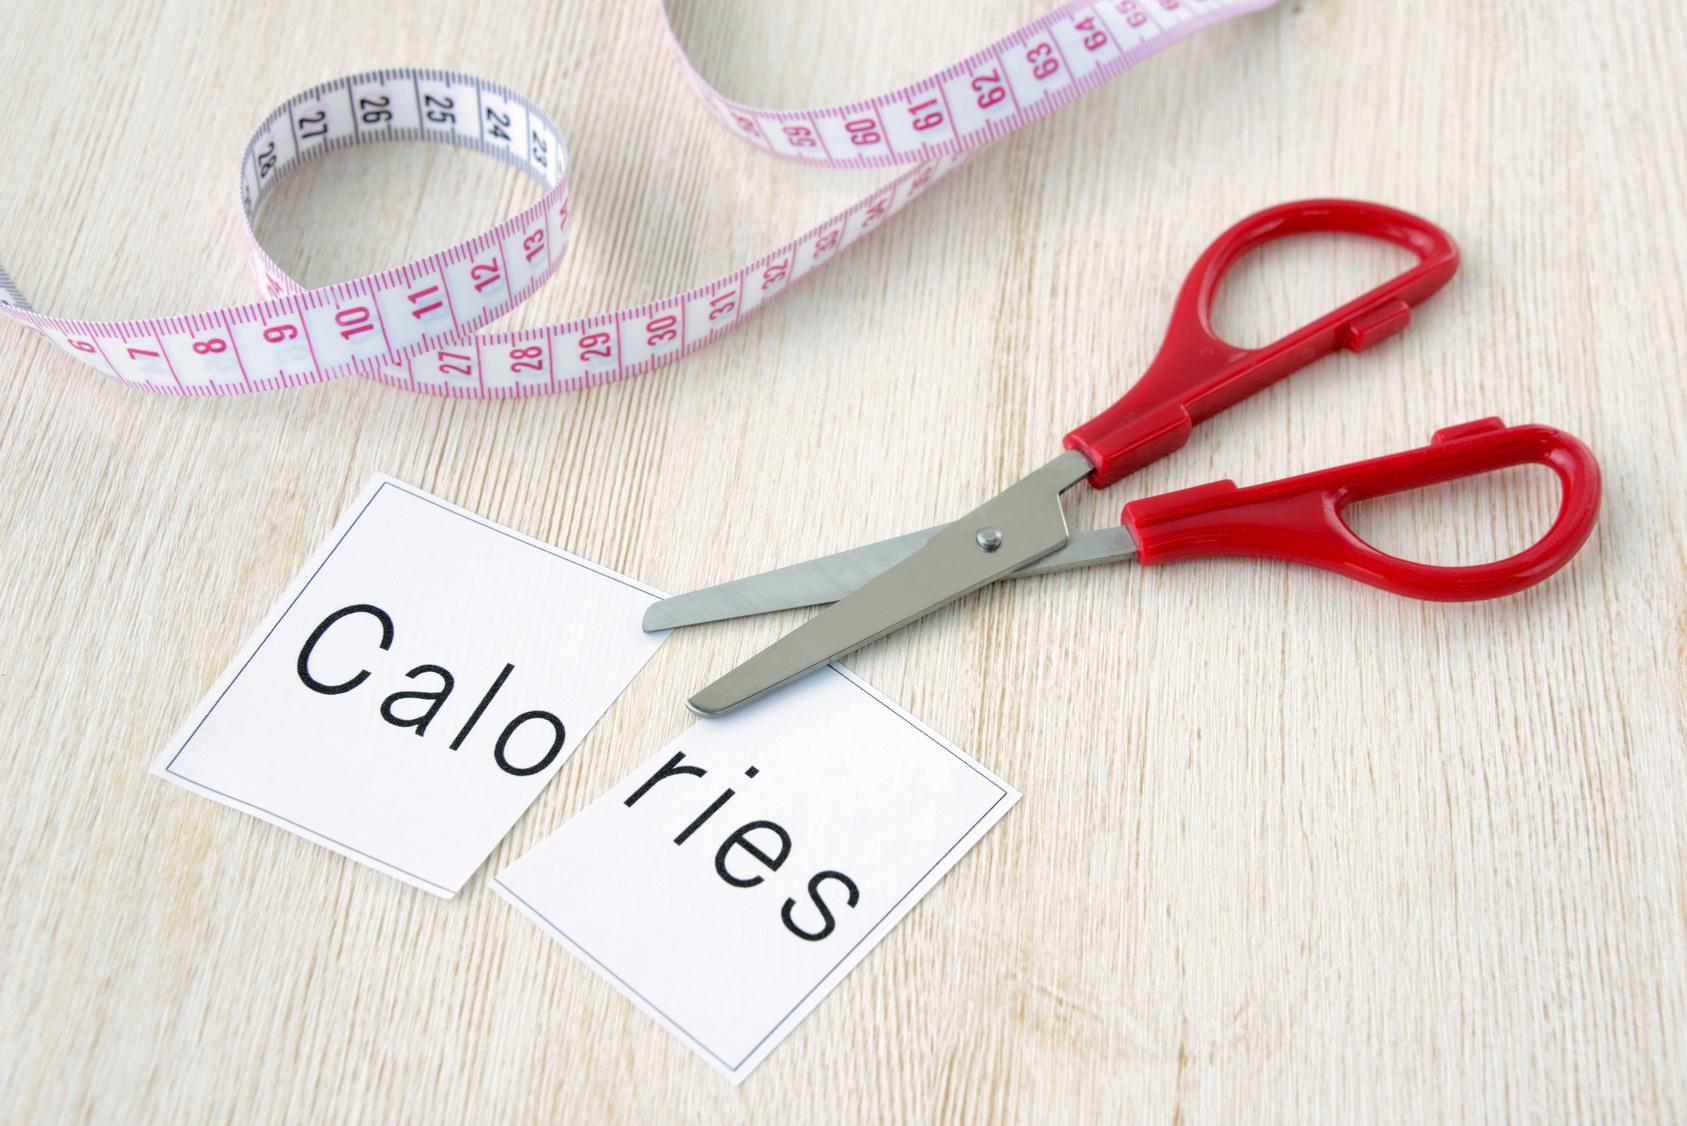 病的肥満の治療で手術を検討している方は、合併症リスクを減らすためにも名医の治療を!